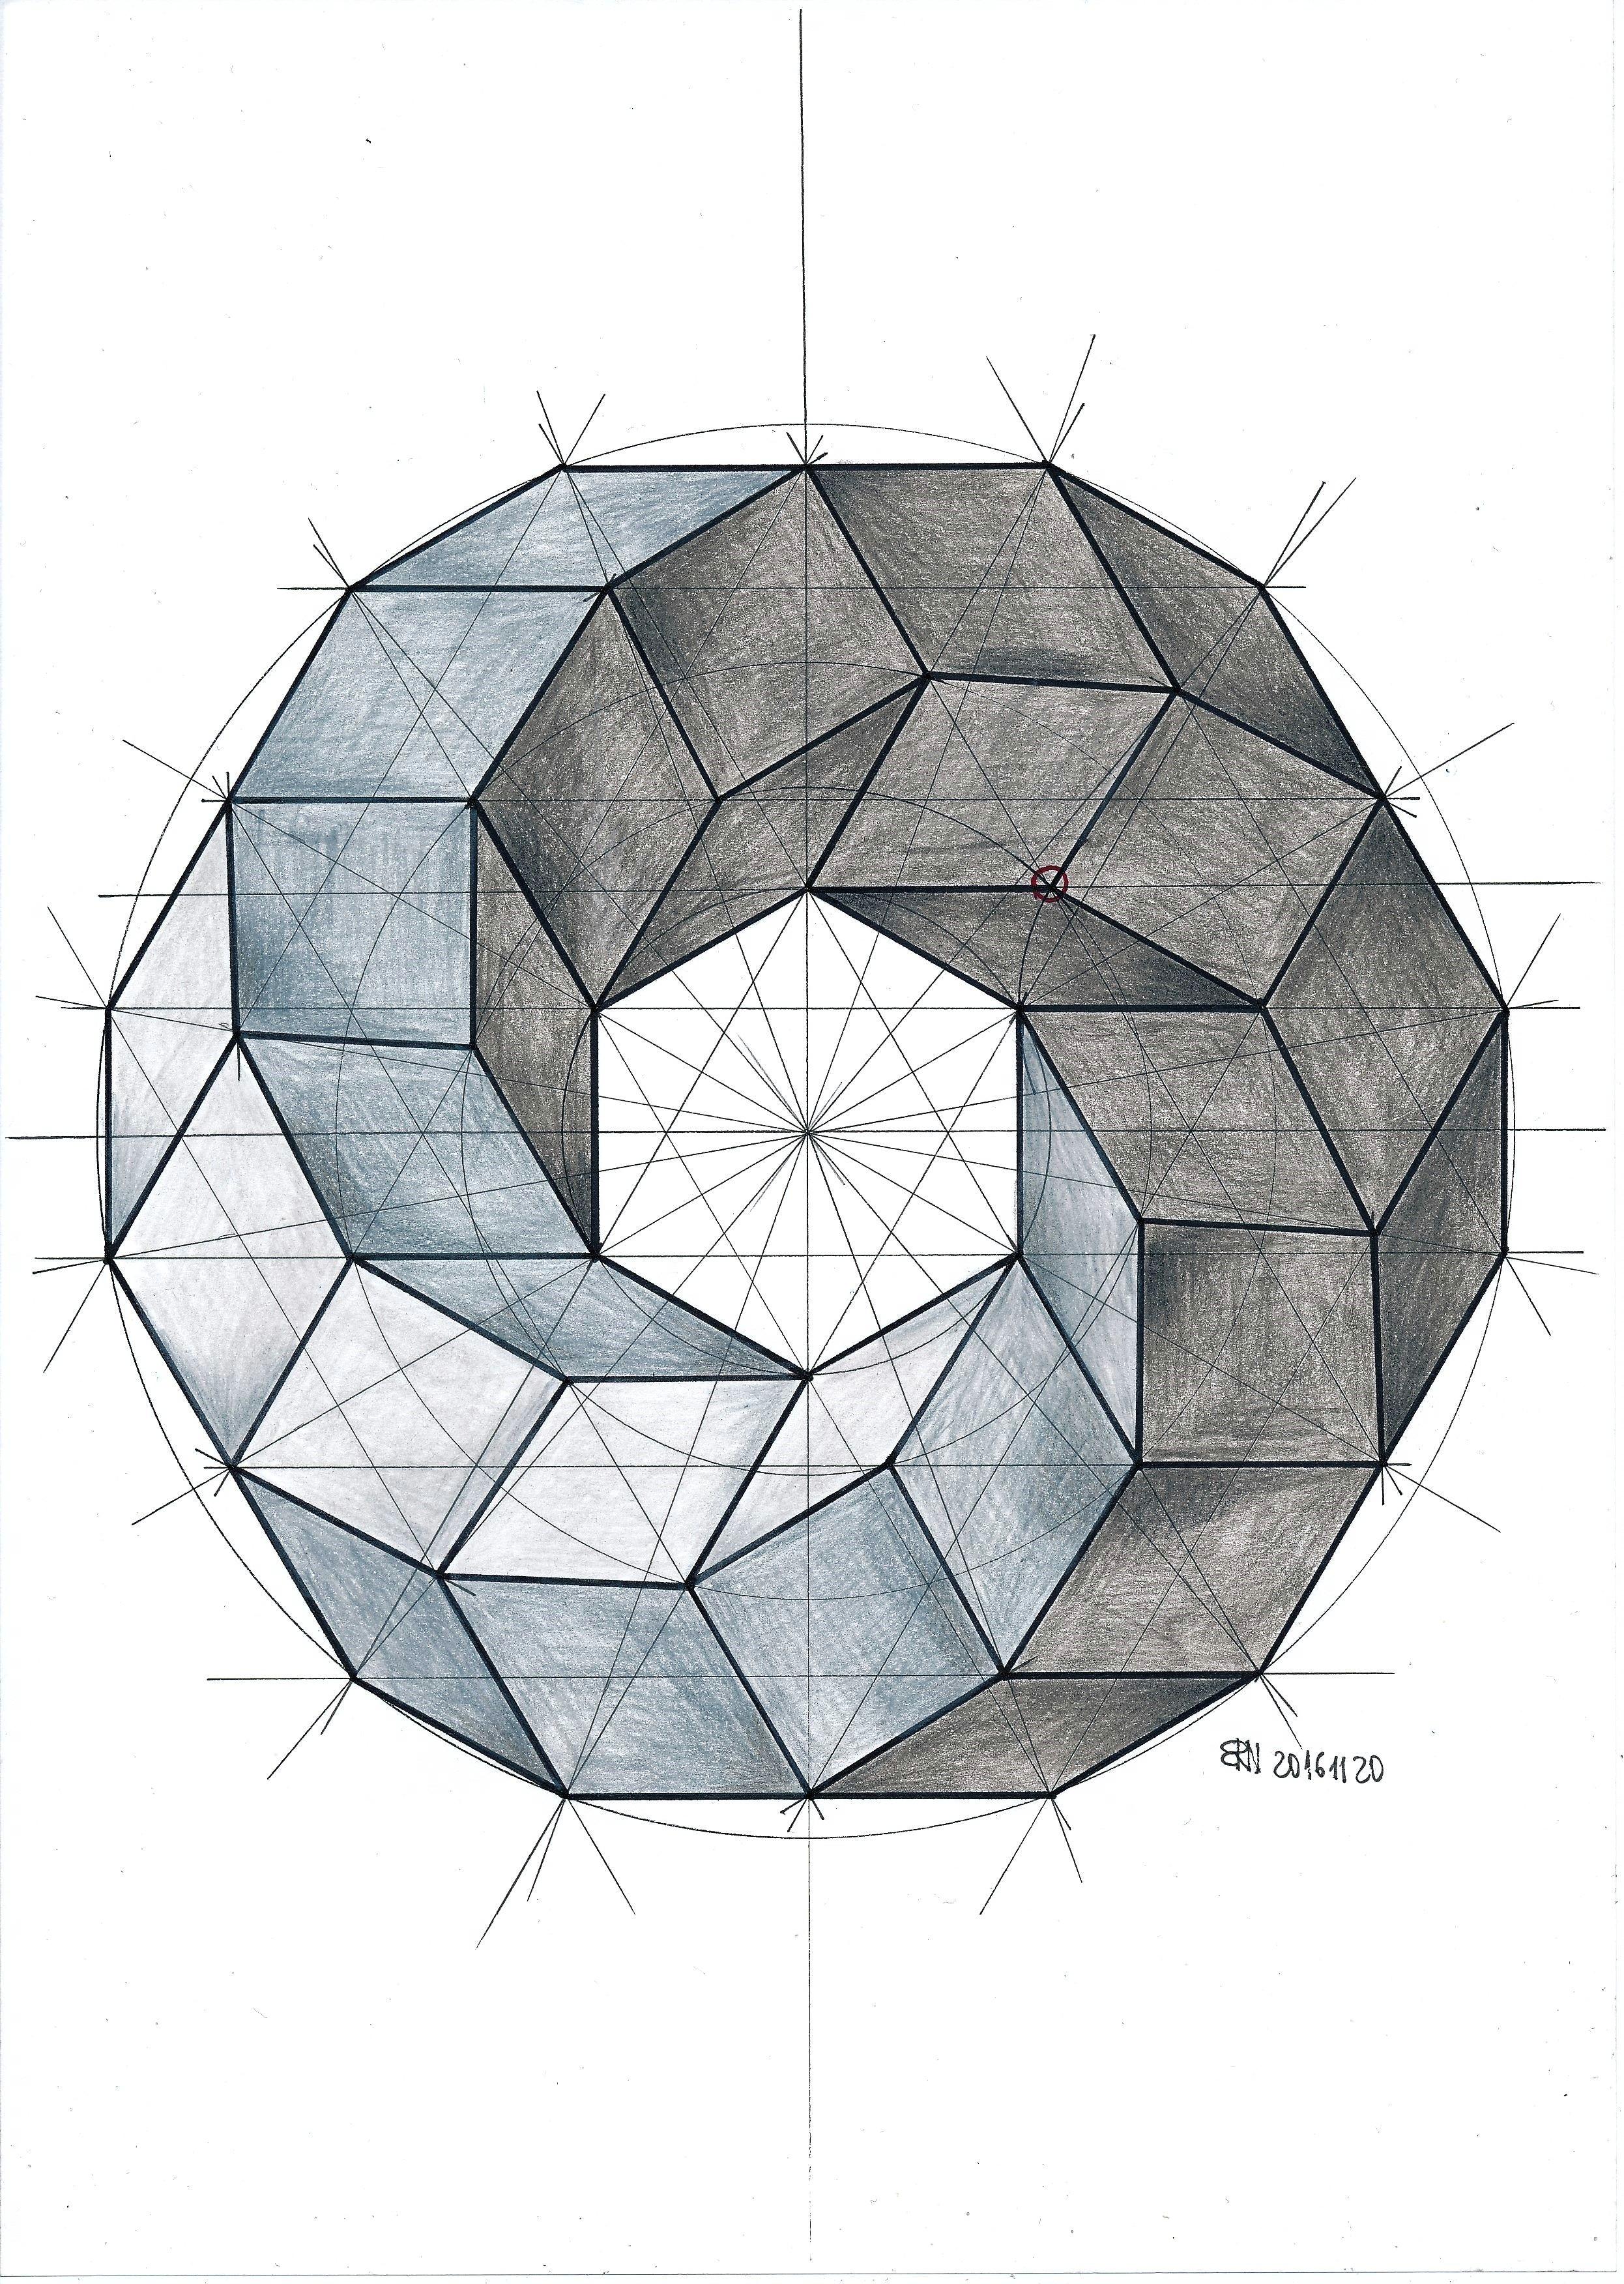 spiral of cubes